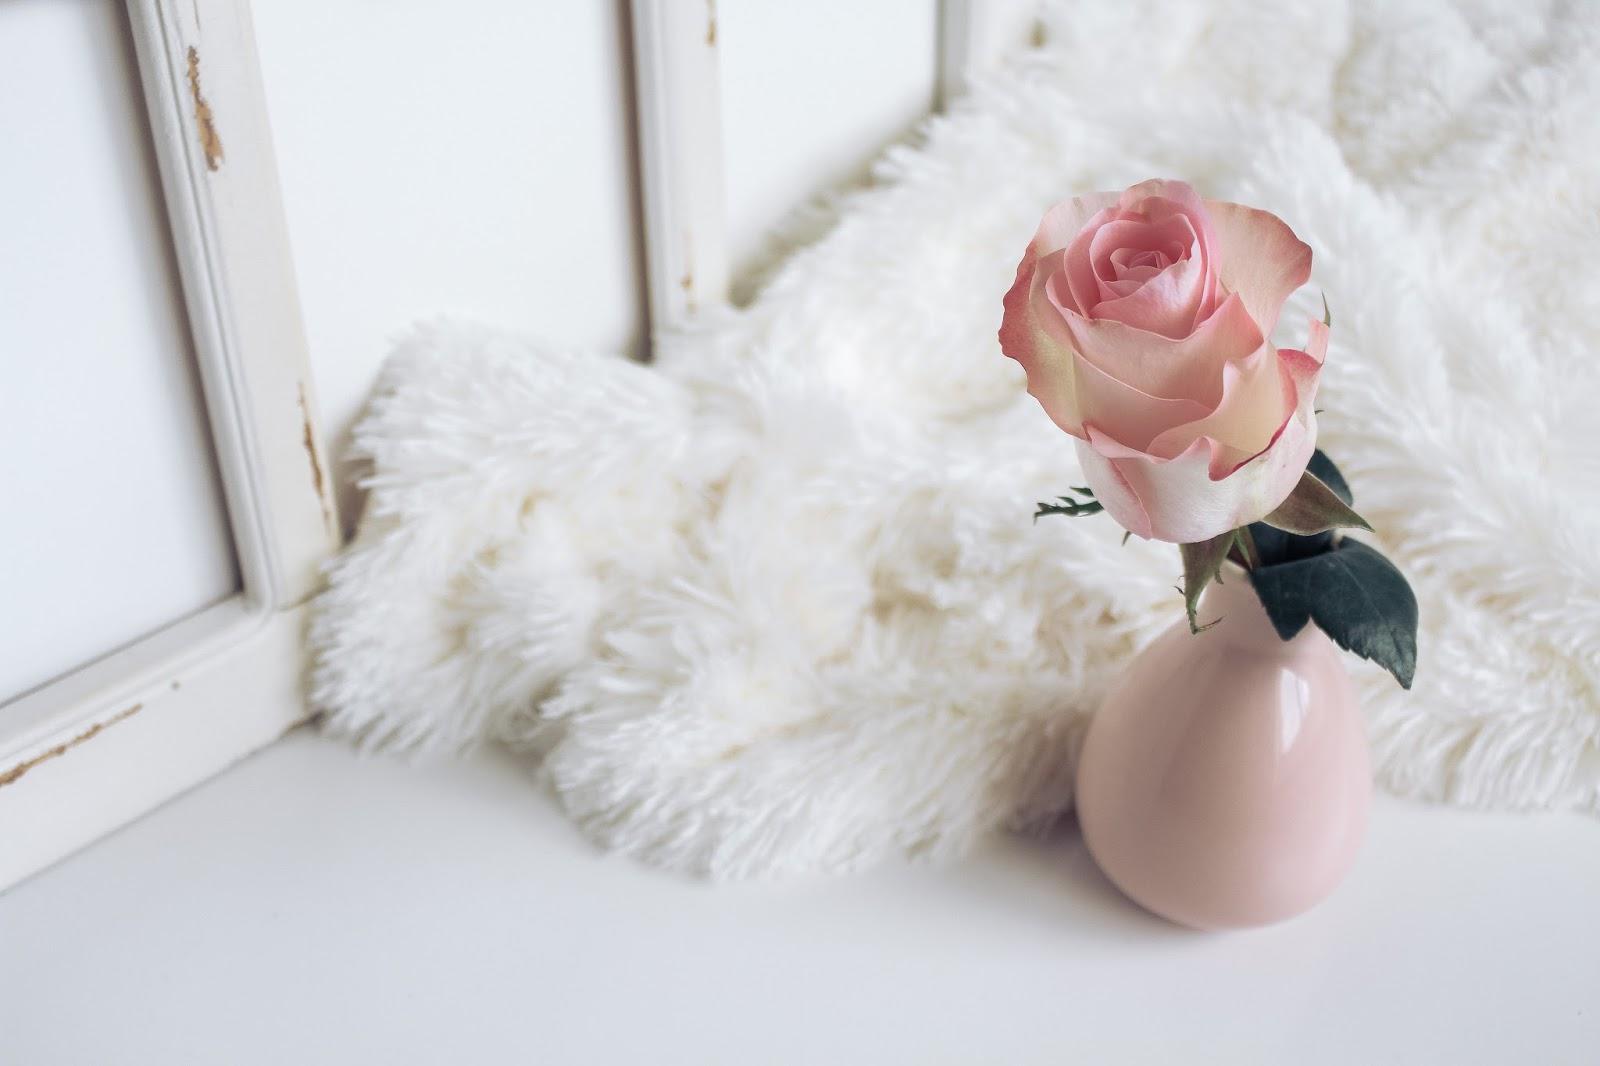 festeggiare la donna serve davvero? fashionsobsessions.com zairadurso @zairadurso i disagi del blogging fashion's obsessions blog riflessioni varie femminismo